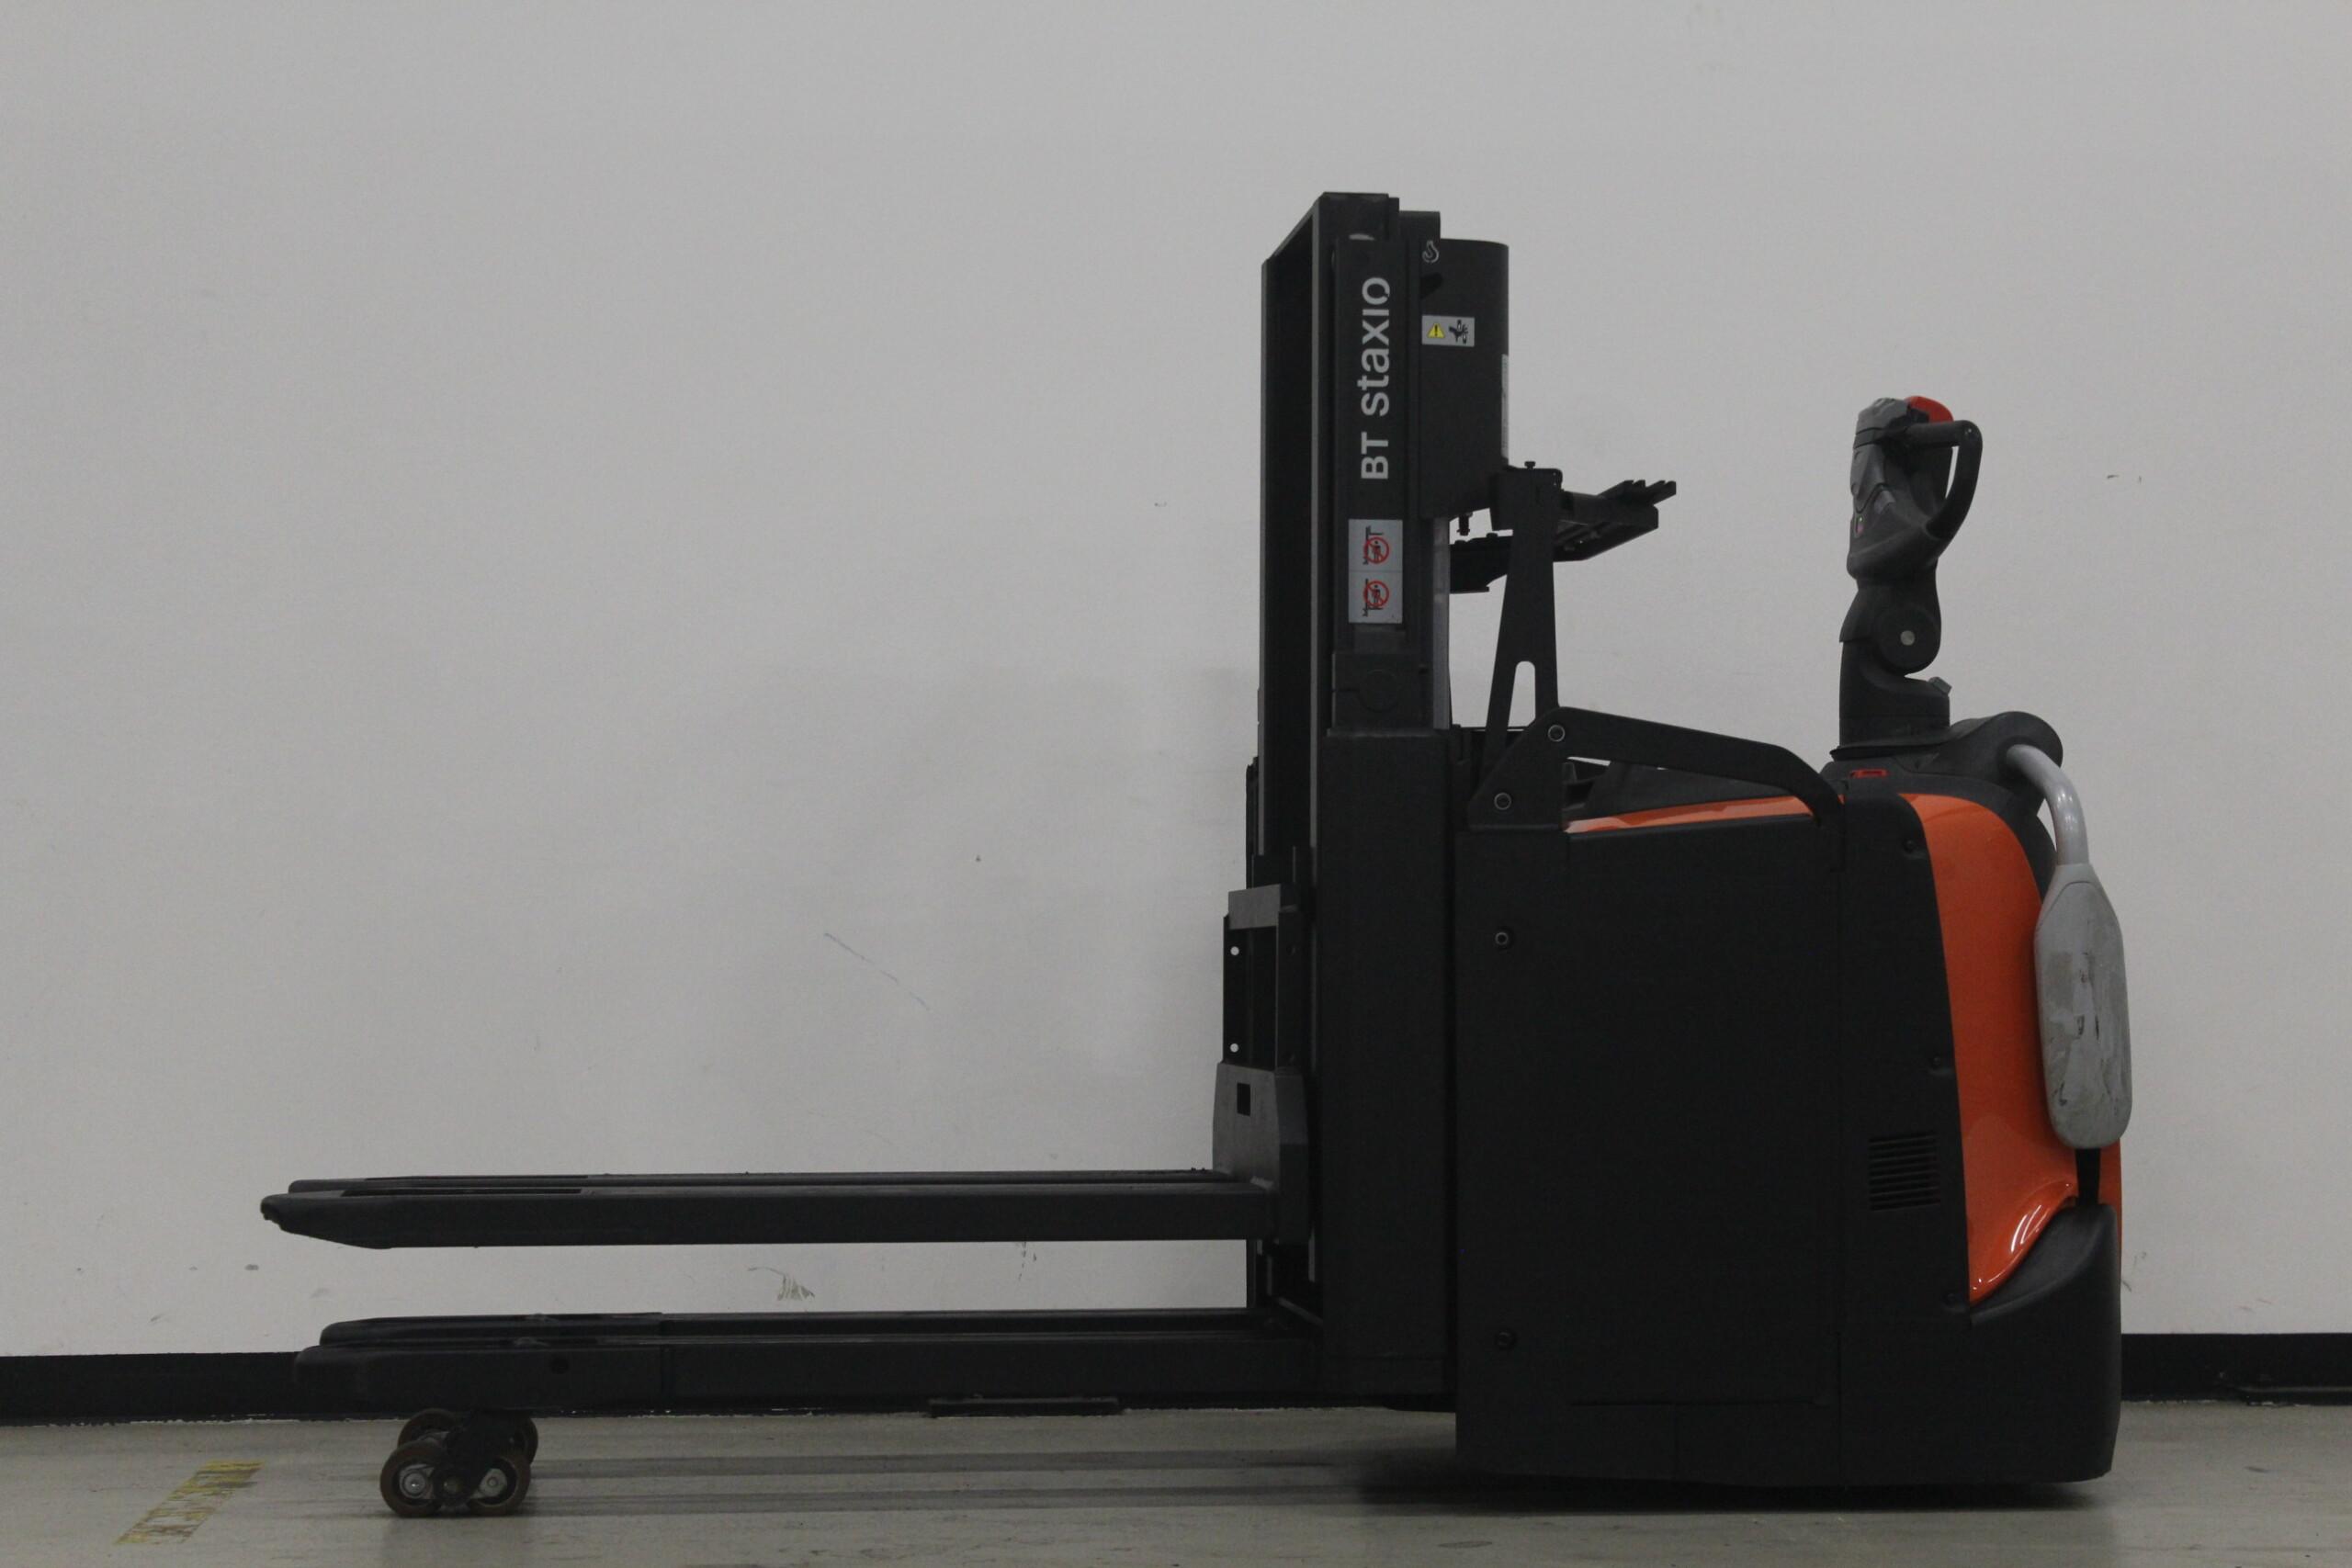 Toyota-Gabelstapler-59840 1708018730 1 26 scaled